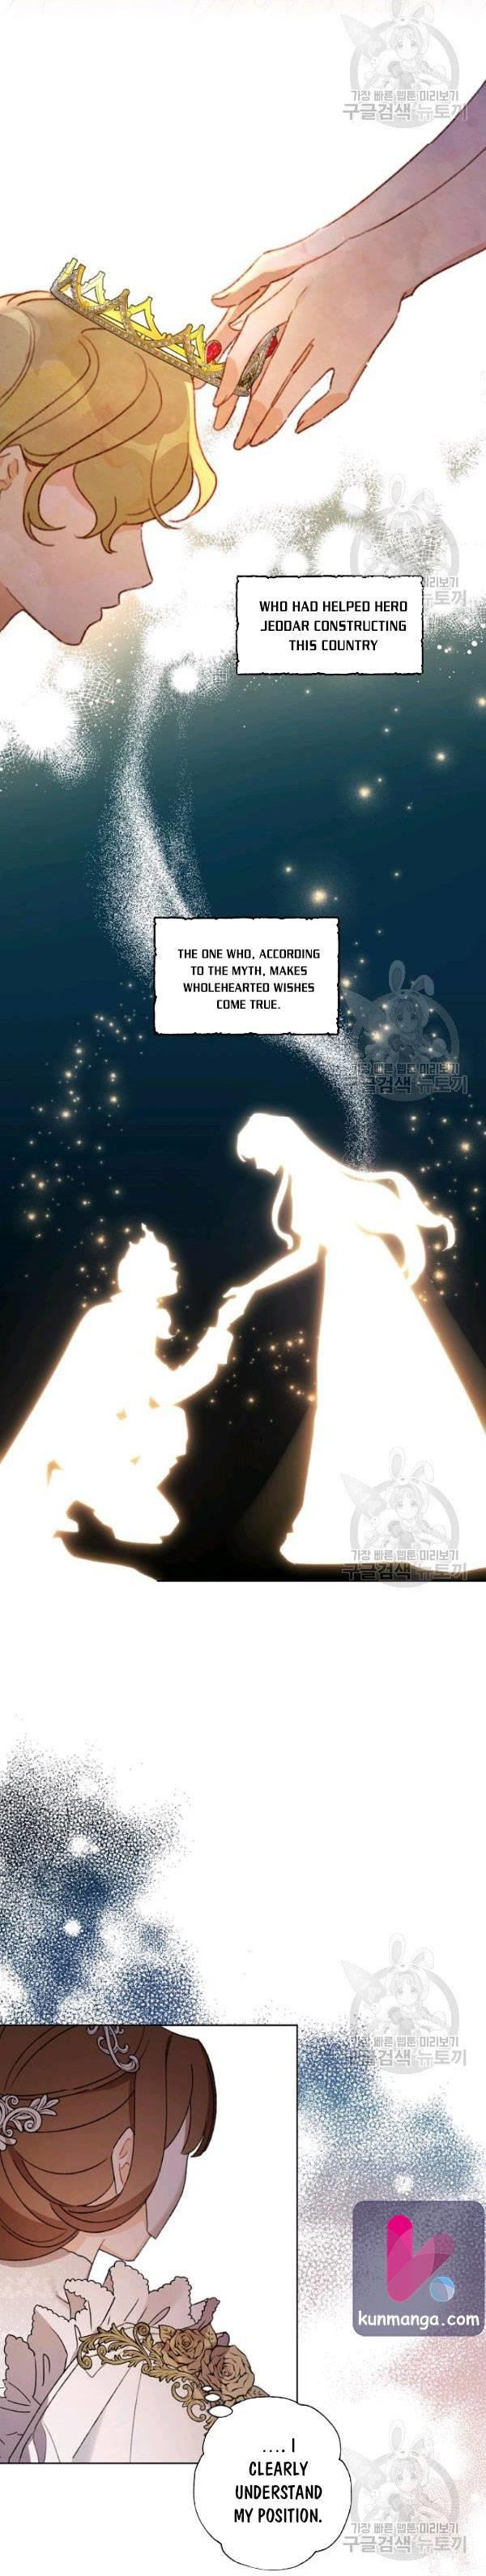 I Raised Cinderella Preciously Chapter 41.5 page 1 - Mangakakalots.com